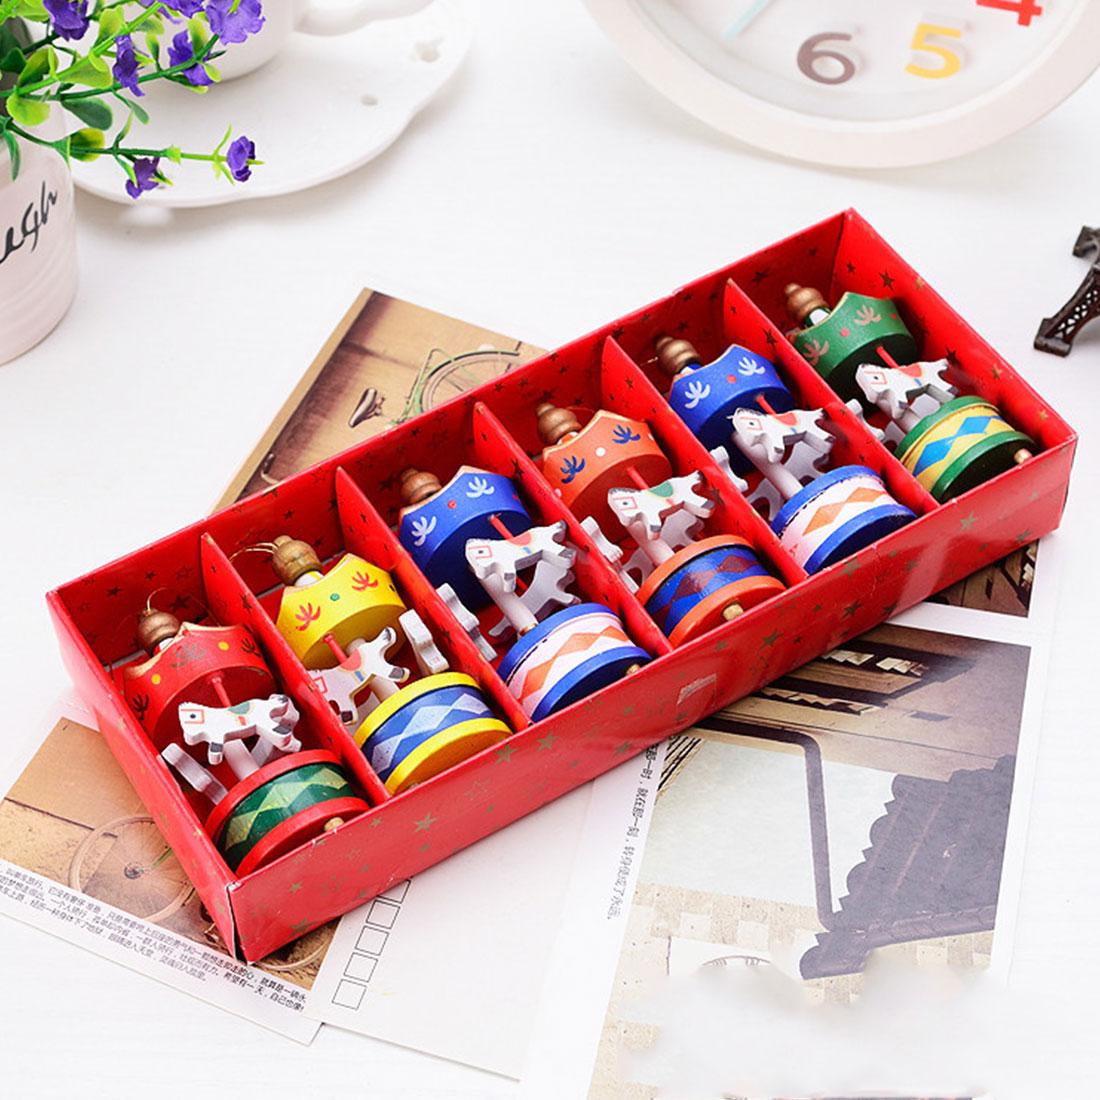 ¡Gran venta! carrusel de madera de Feliz Navidad, adornos de caballo, Mini bonitos juguetes de regalo de Navidad de madera para niños, regalos de Navidad de Año Nuevo